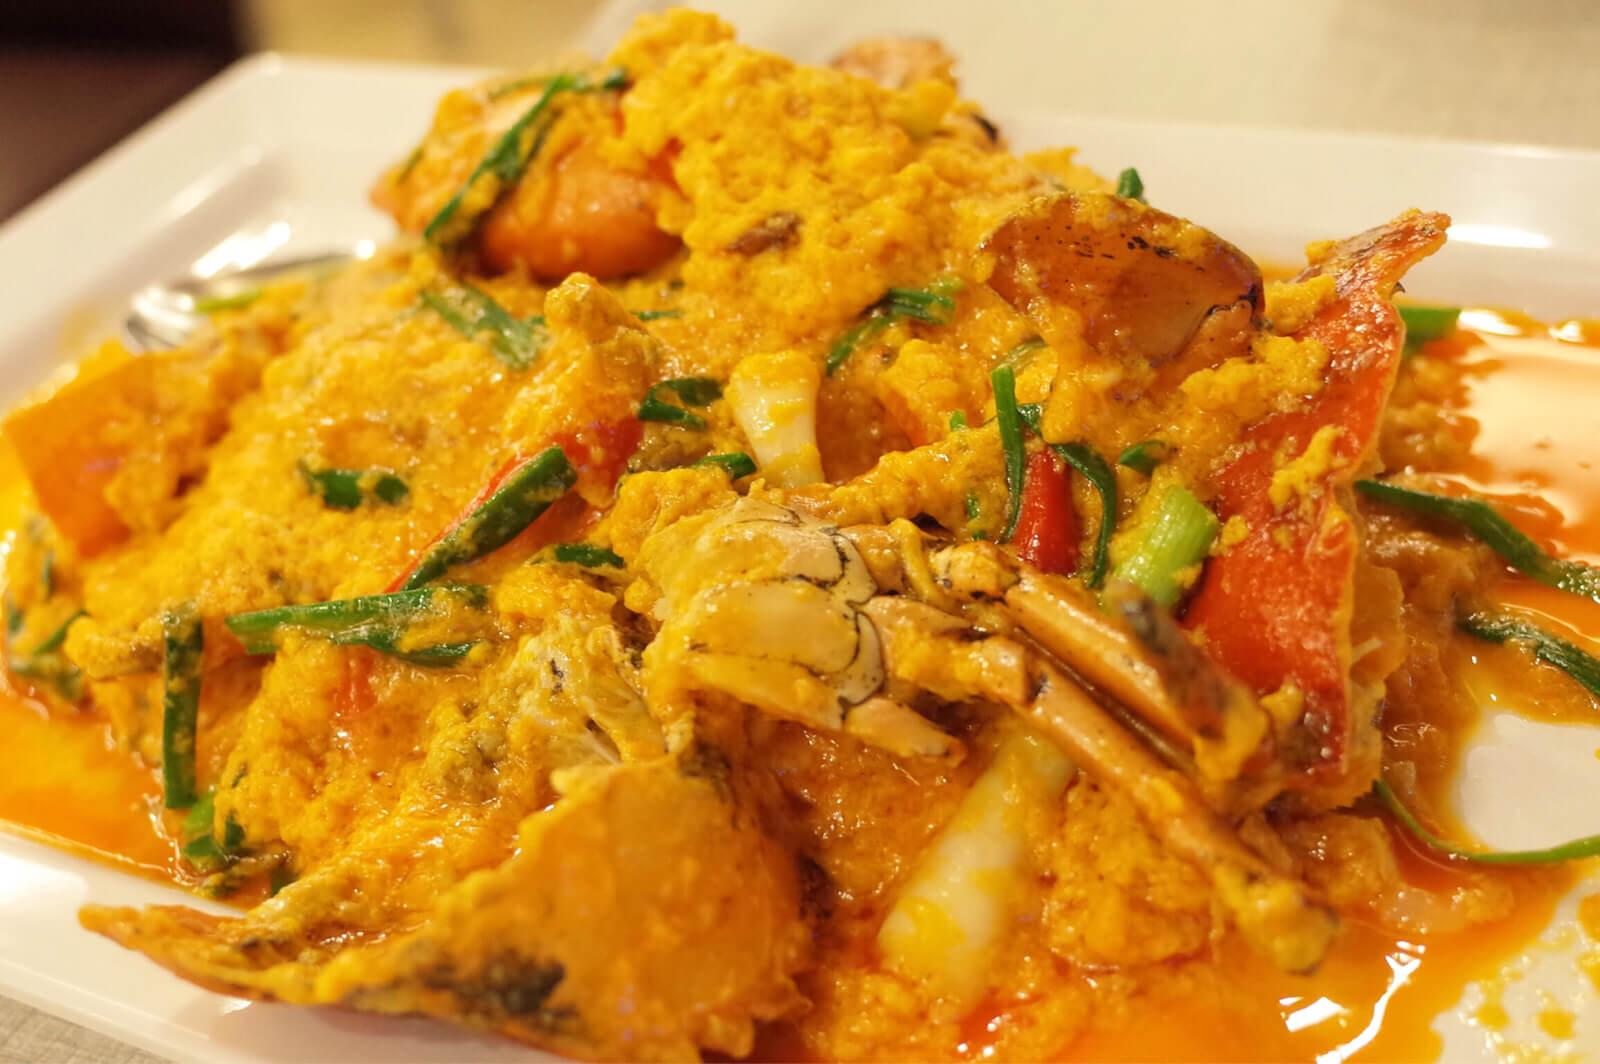 ソンブーン バンコク 〜 プーパッポンカリー発祥の店で豪快にカニを喰らう!カニ、カレー、卵のハーモニーが最高